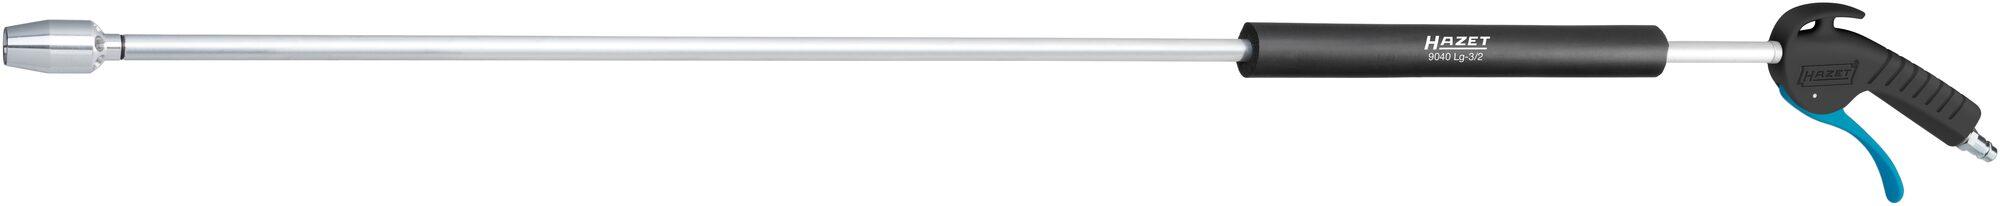 HAZET Ausblaspistole ∙ lang 9040LG-3/2 ∙ Anzahl Werkzeuge: 2